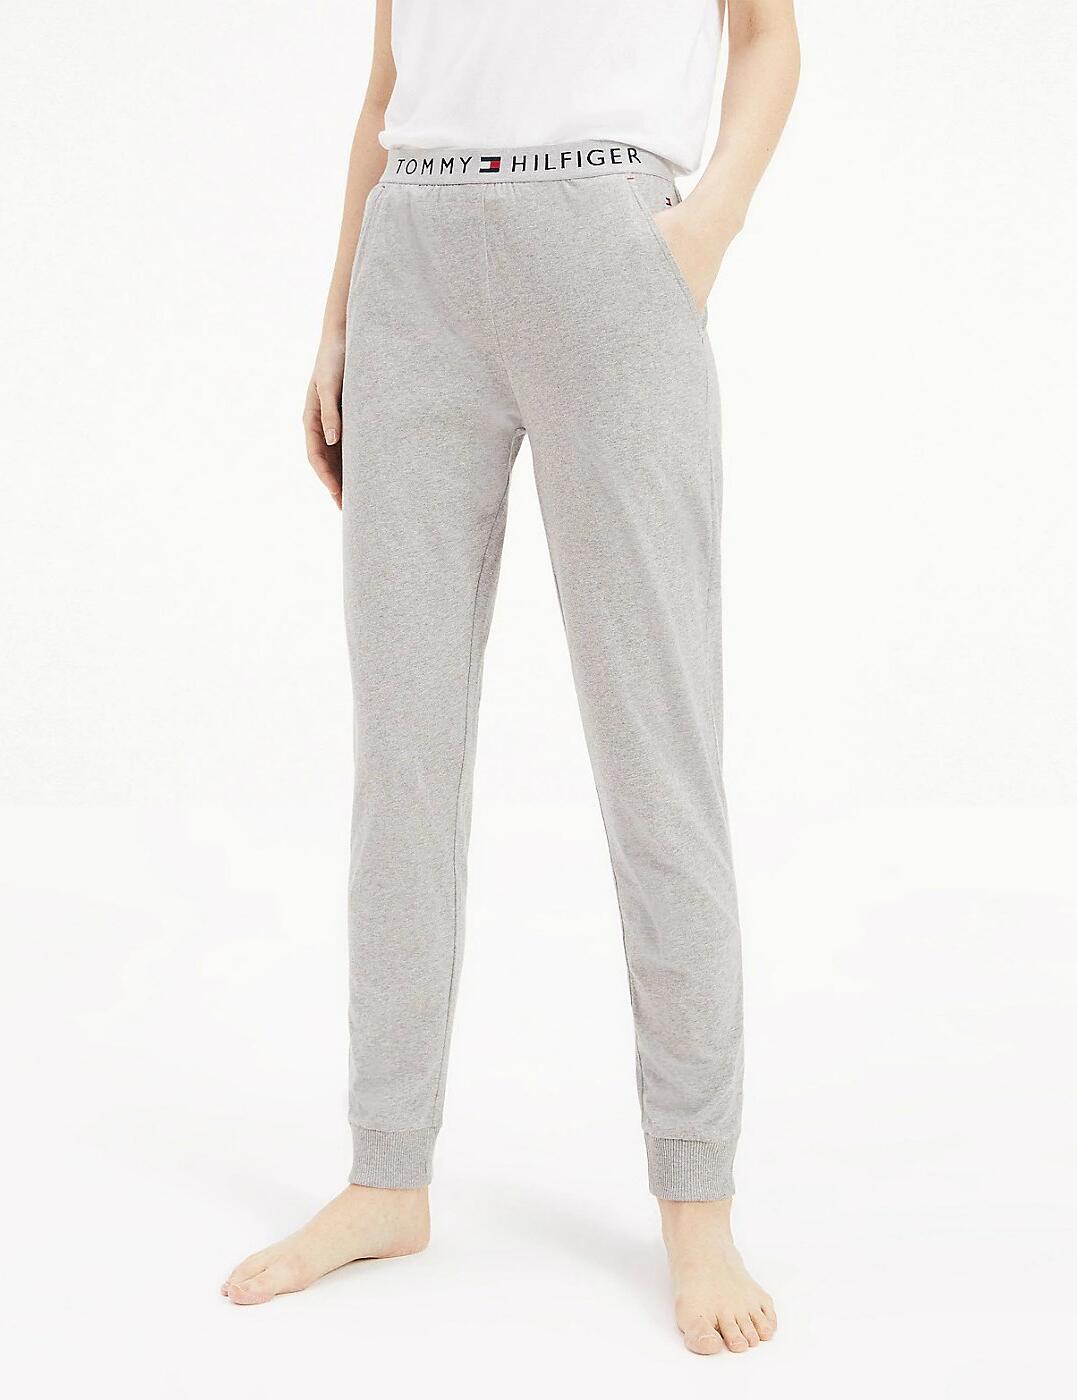 UW0UW01647 Tommy Hilfiger Cuffed Pants - UW0UW01647 Grey